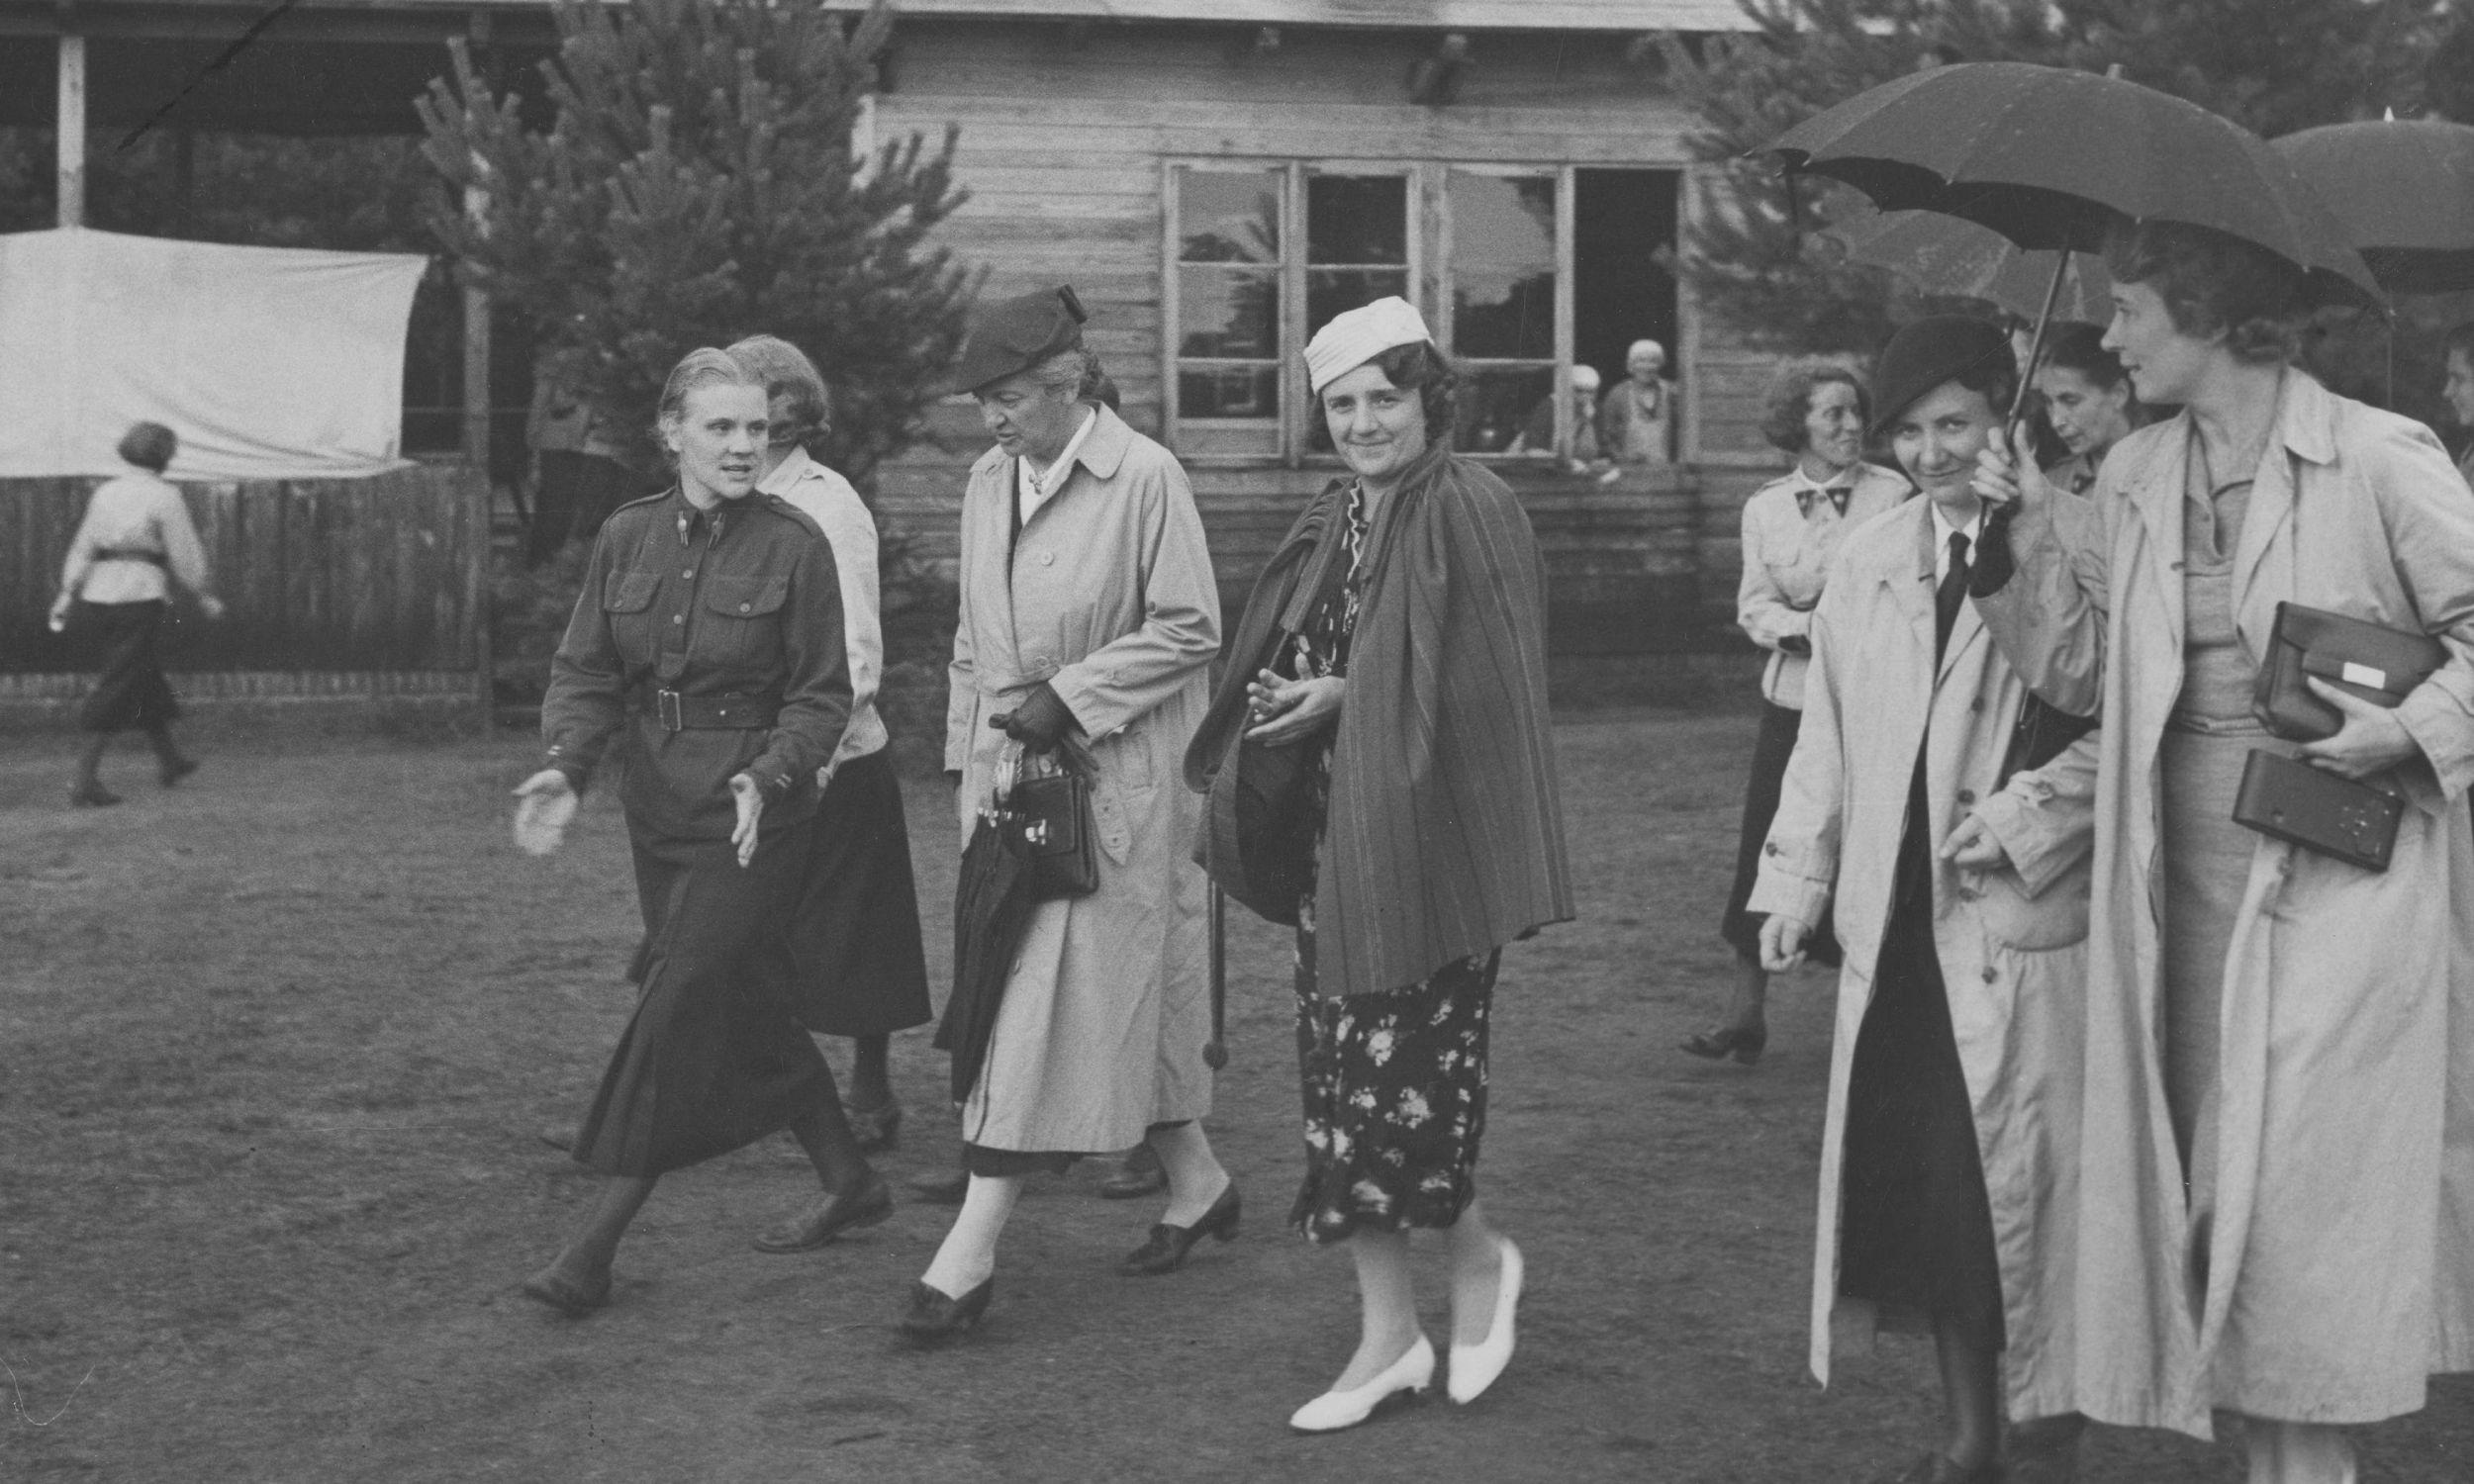 Obóz Przysposobienia wojskowego Kobiet w Borkach w 1937 roku. Na zdjęciu: Aleksandra Piłsudska (w jasnym płaszczu) i Maria Mościcka (w białym toczku) wśród uczestniczek szkolenia. Komendantka Naczelna Przysposobienia Wojskowego Kobiet Maria Wittek druga z prawej (pod parasolką). Fot. NAC/IKC, Witold Pikiel, sygn. 1-W-2509-1